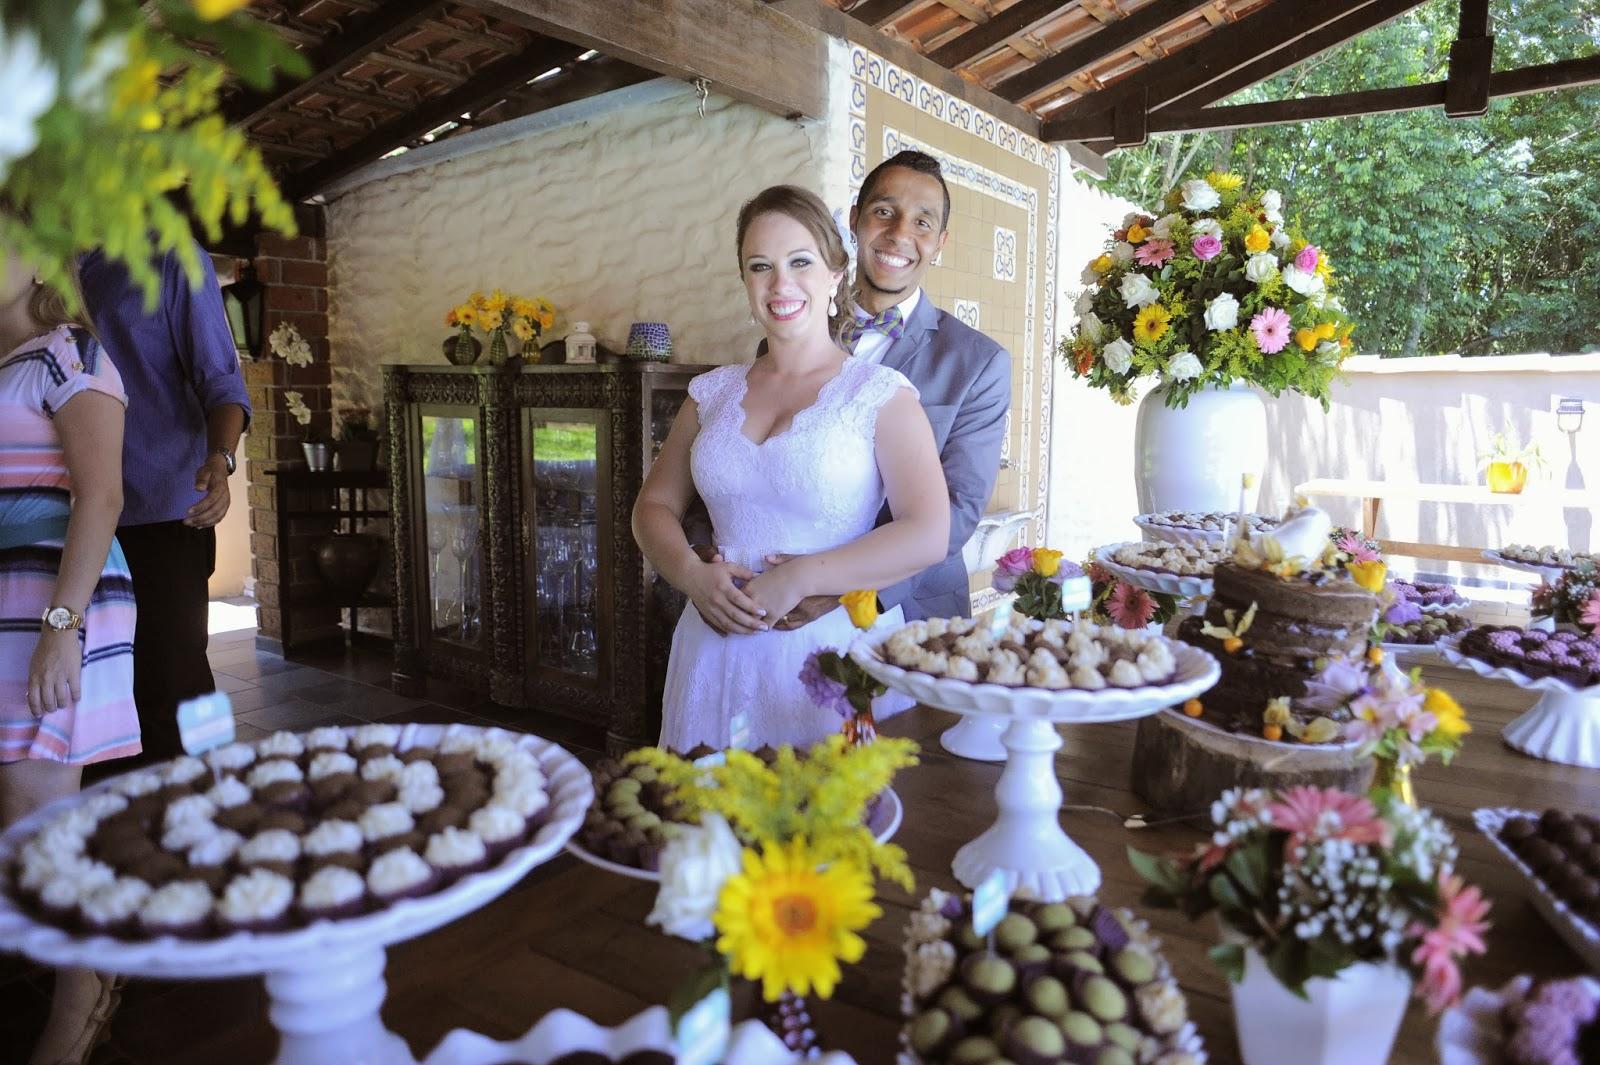 mesa-bolo-doces-noivos-casamento-dia-azul-amarelo